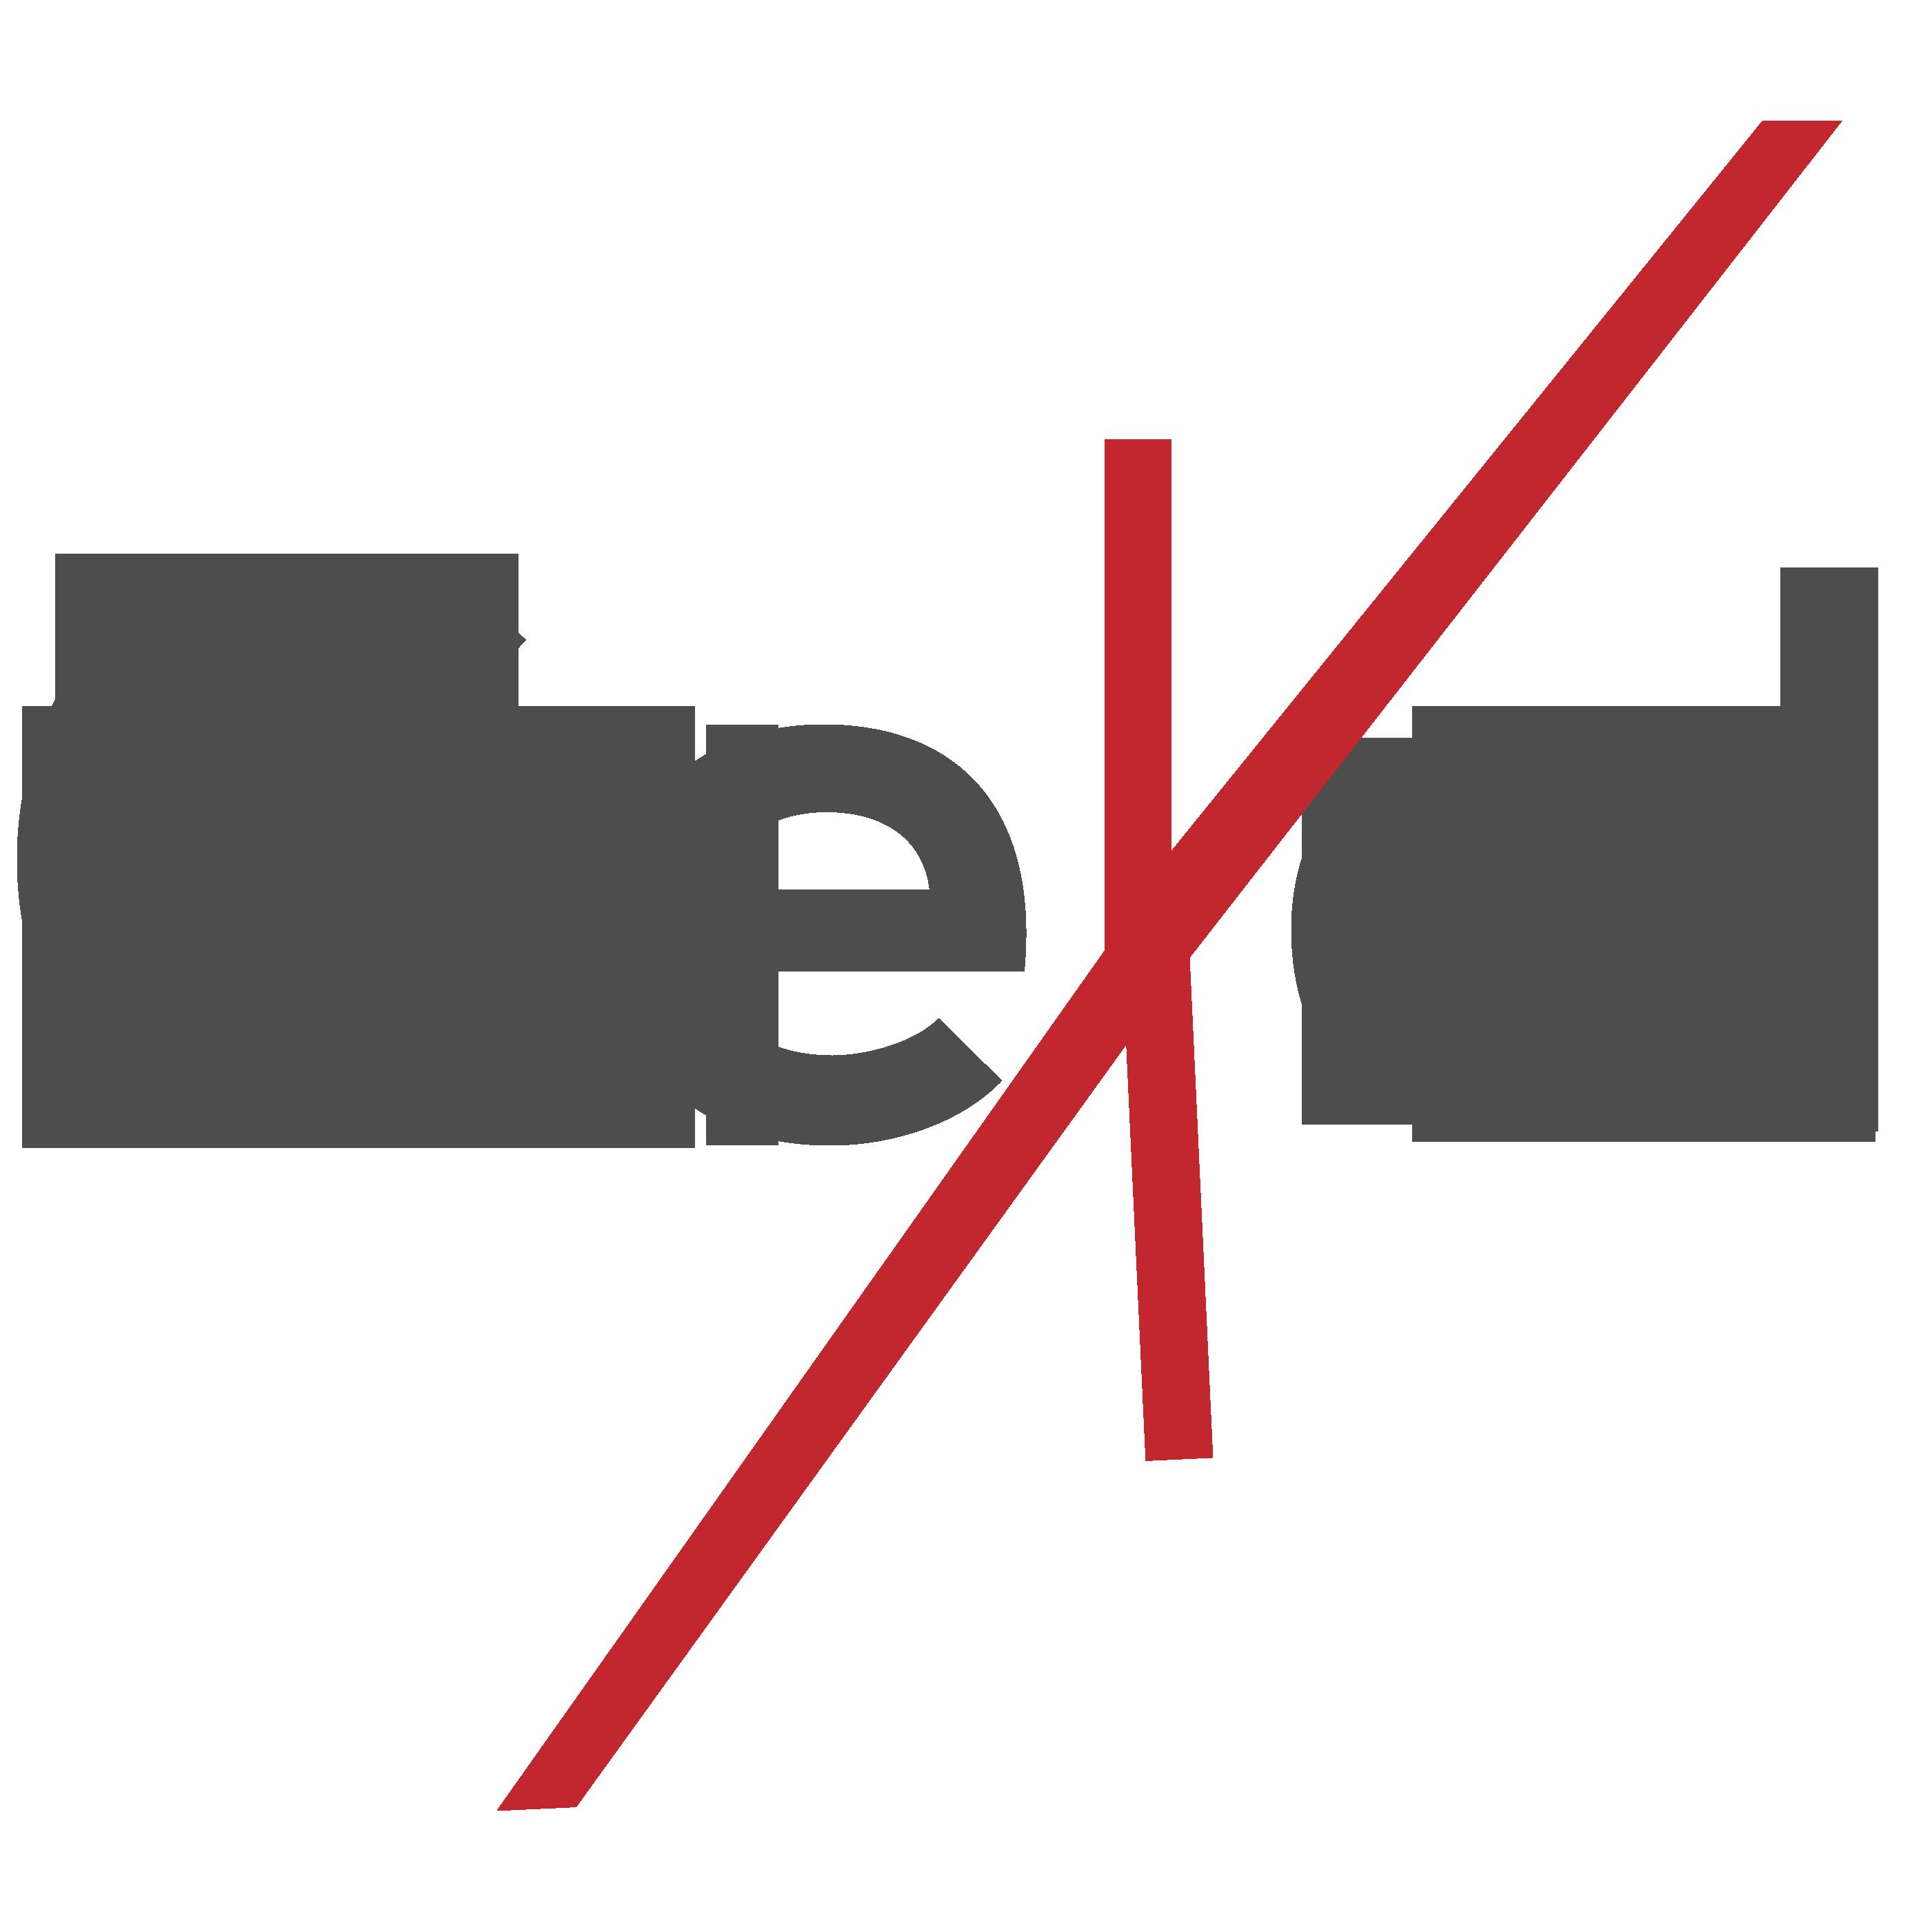 Gexel